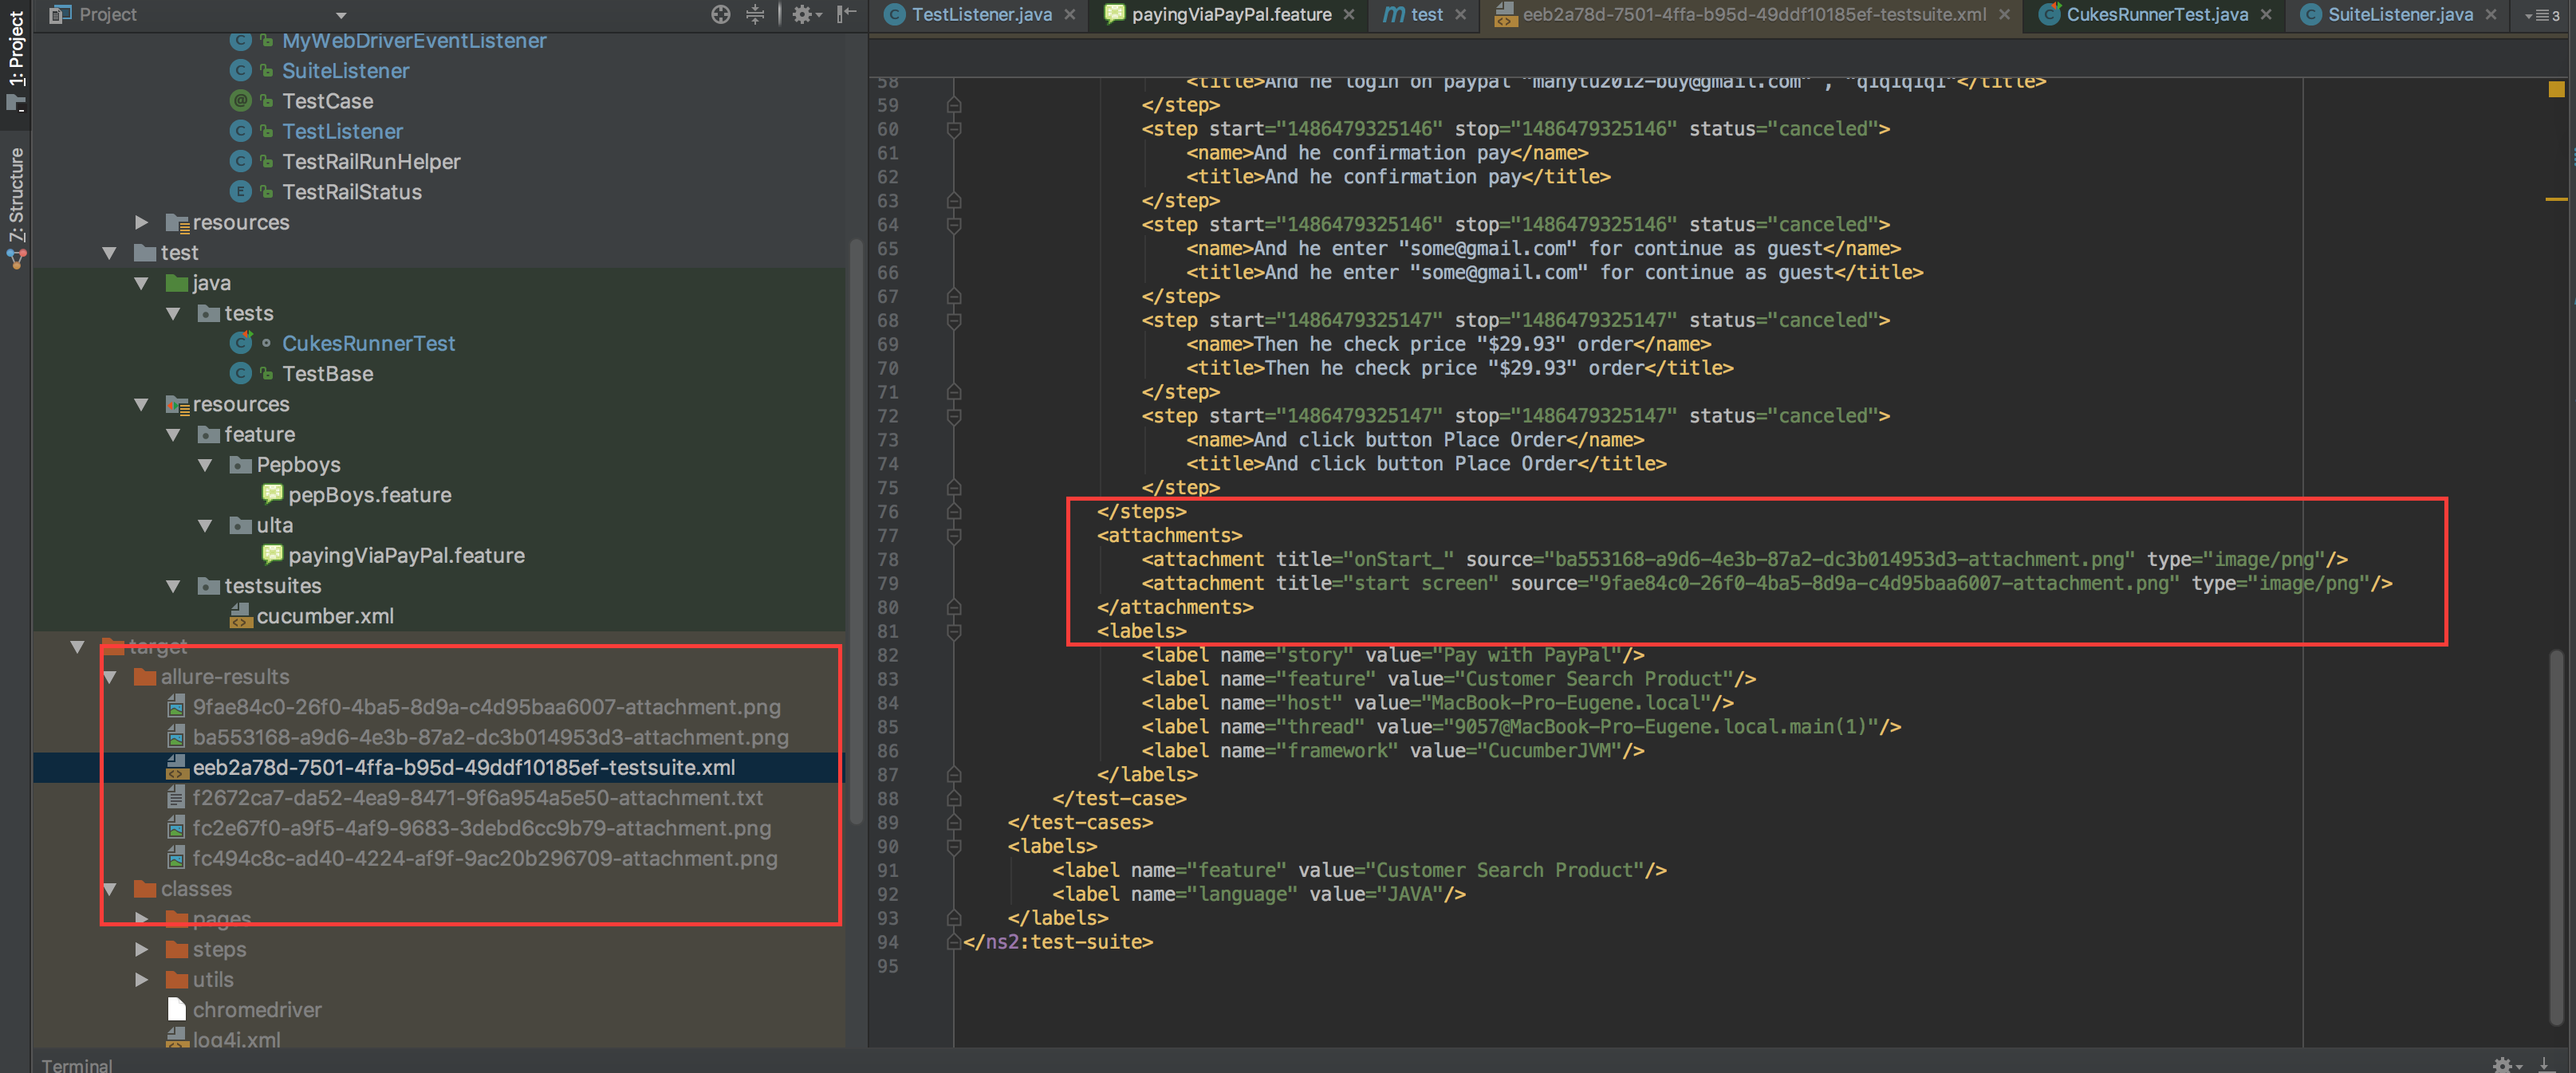 Allure+TestNG+Cucumber скриншоты создаются но не прикрепляются к